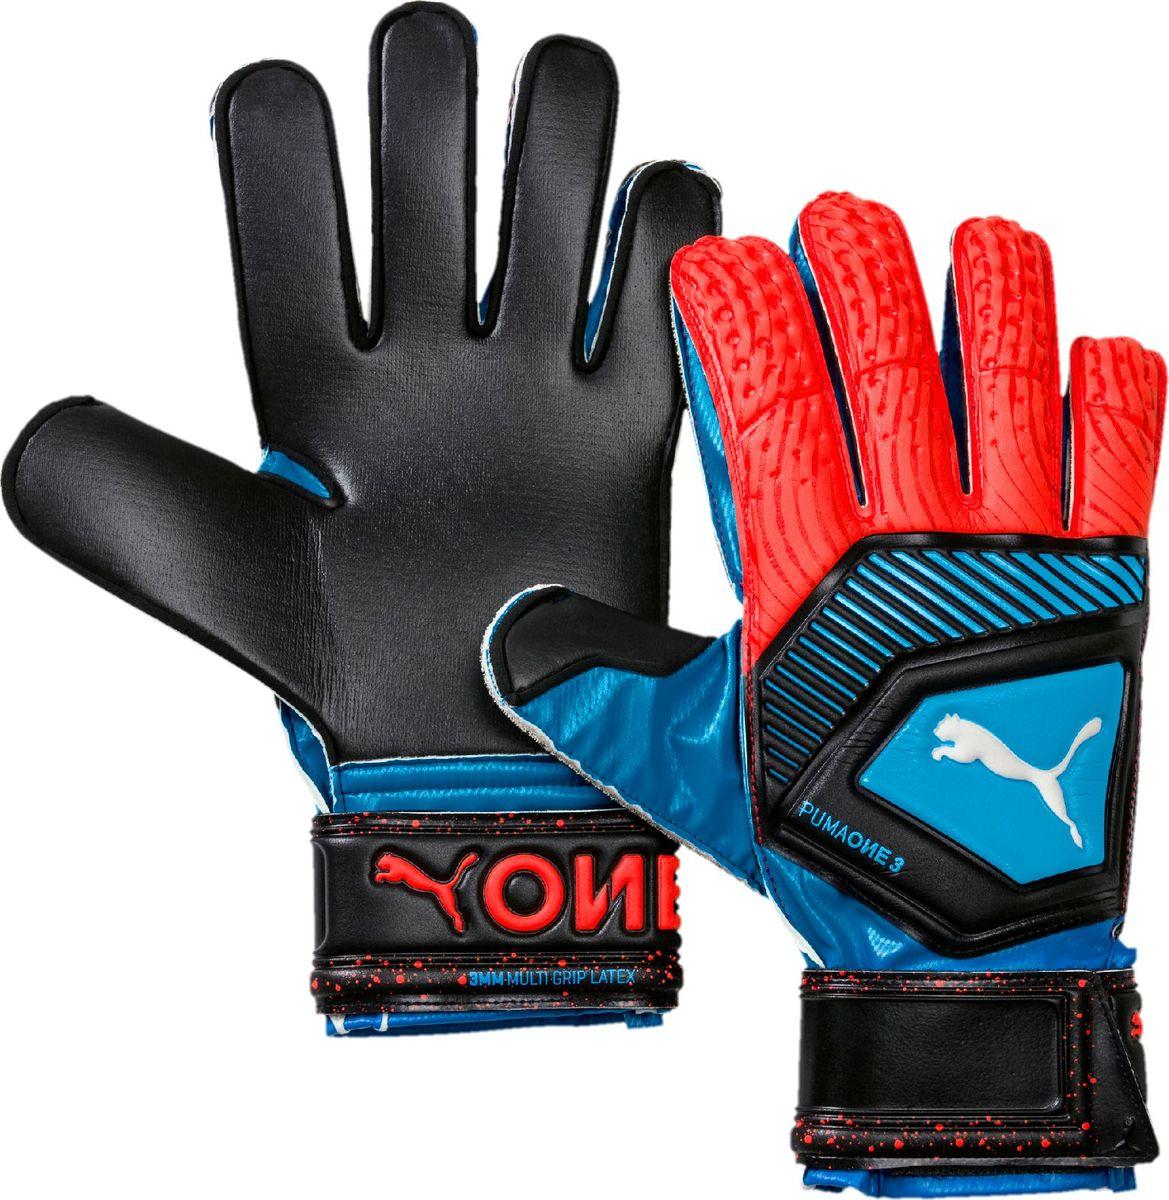 Перчатки вратарские Puma One Protect 3, 04148021, голубой, черный, размер 8 цена